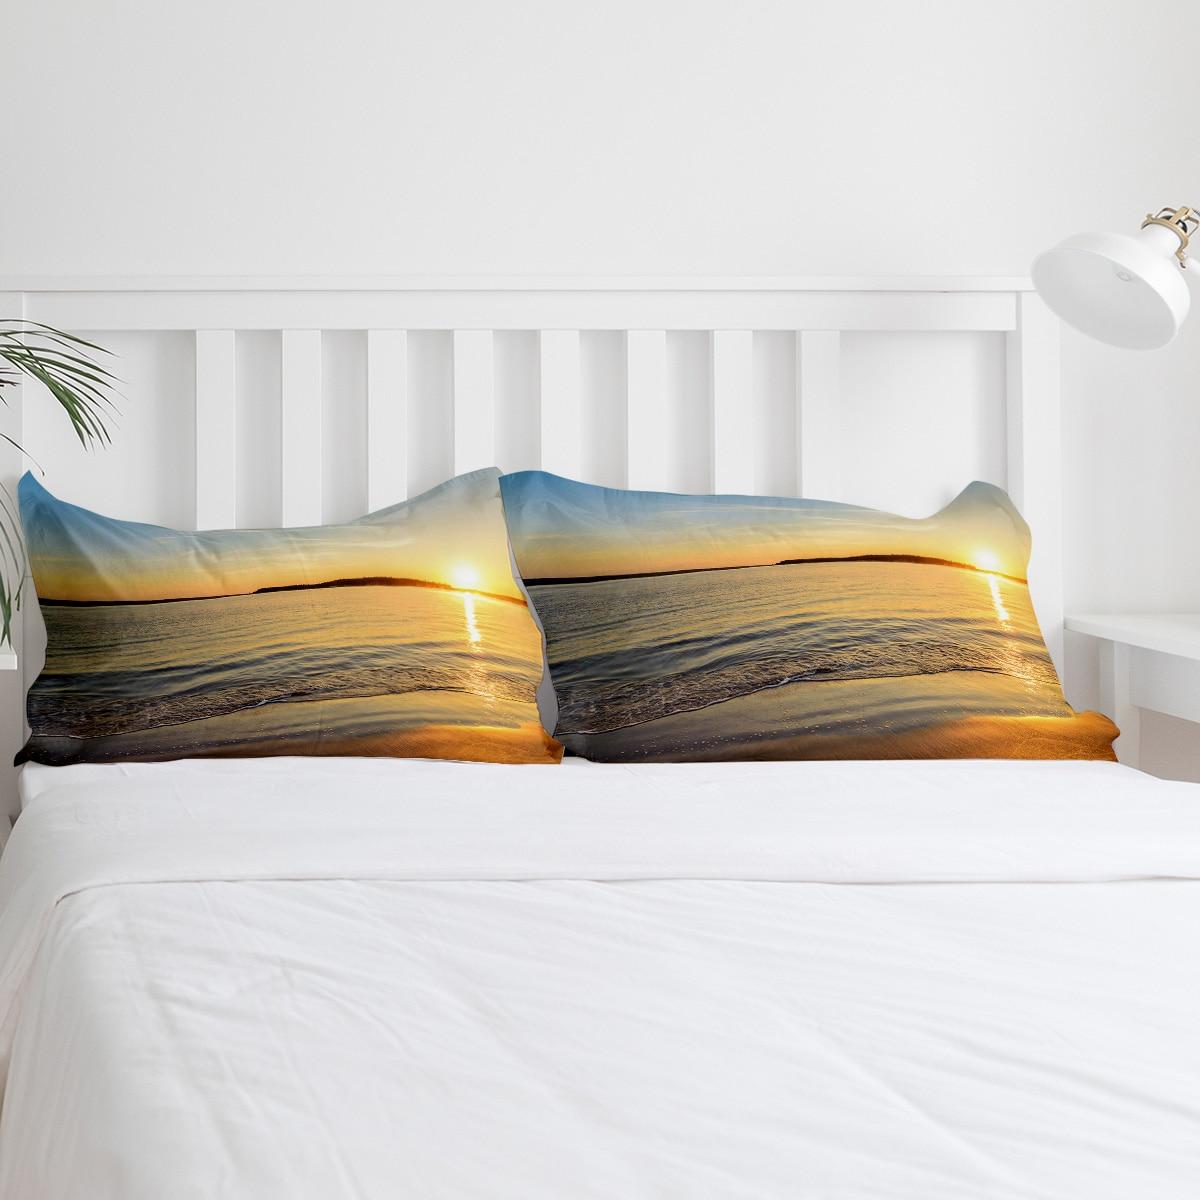 BIGHOUSES Bettbezug set Sunset meer landschaft strand wasser horizon natur landschaft Duvet Abdeckung 4 Stück Bettwäsche Set - 5